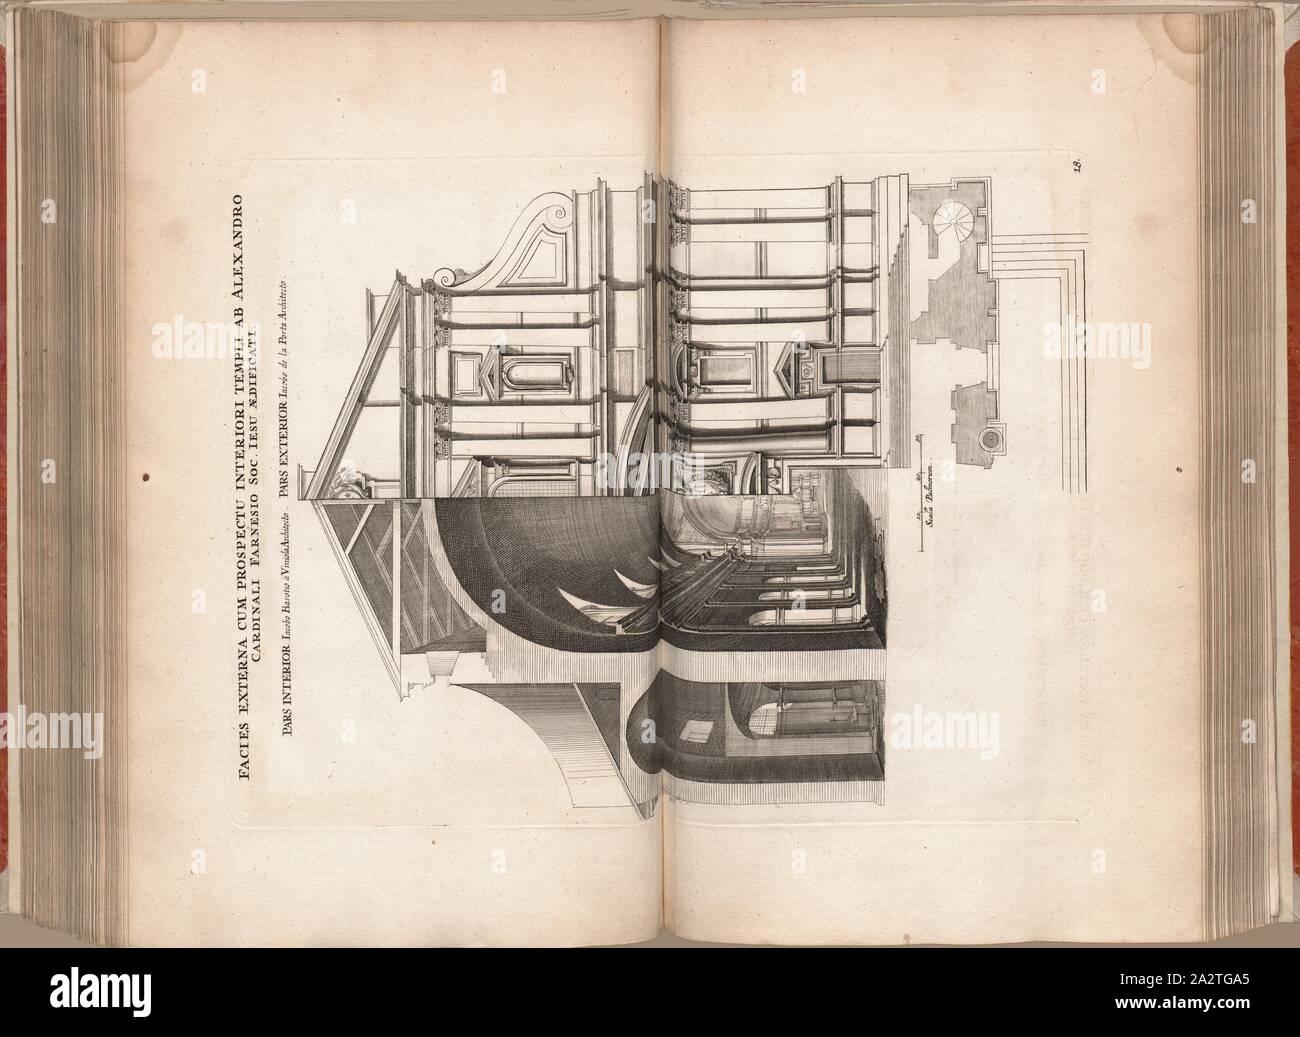 Interner Satz Stockfotos & Interner Satz Bilder - Alamy